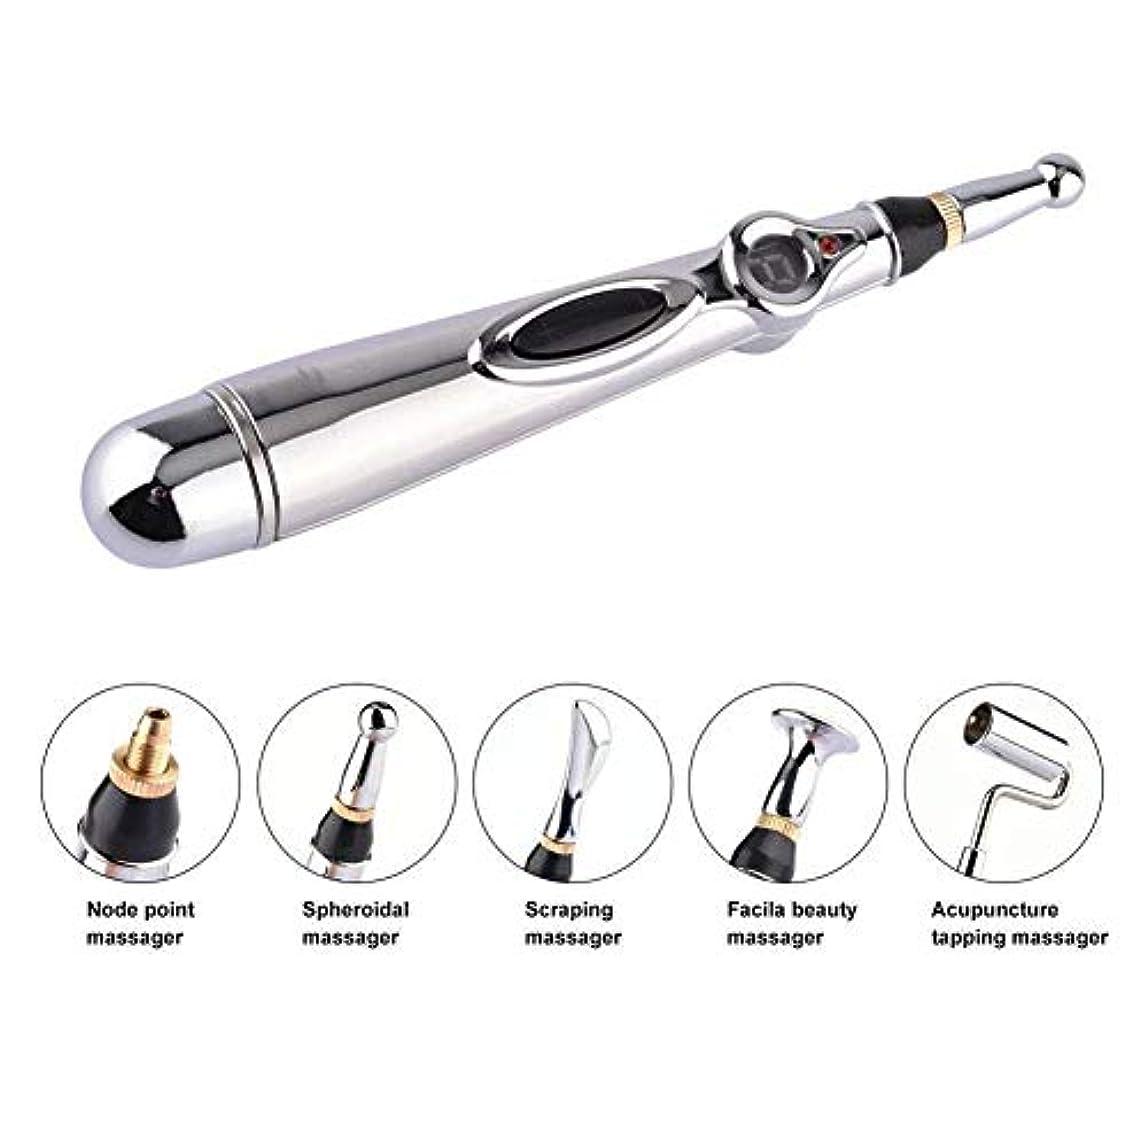 シソーラス解釈解釈5-in-1電子鍼ペンMeridian Energy Pen Massager 5マッサージヘッド指圧マッサージで体の痛みを軽減